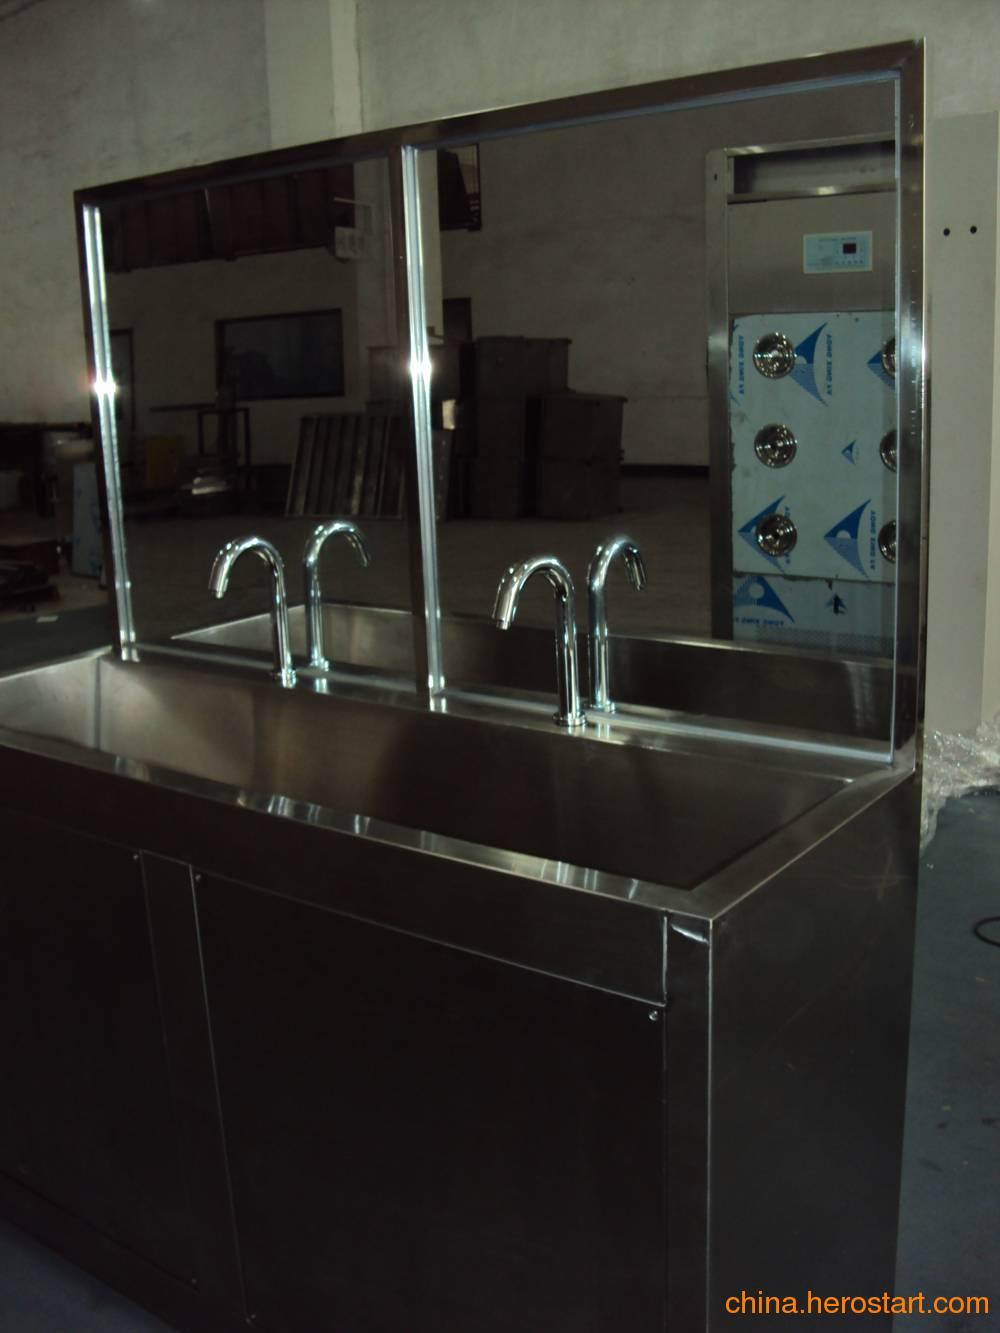 供应深圳不锈钢洗手池自动给皂自动感应水龙头洗手池全自动烘干洗手